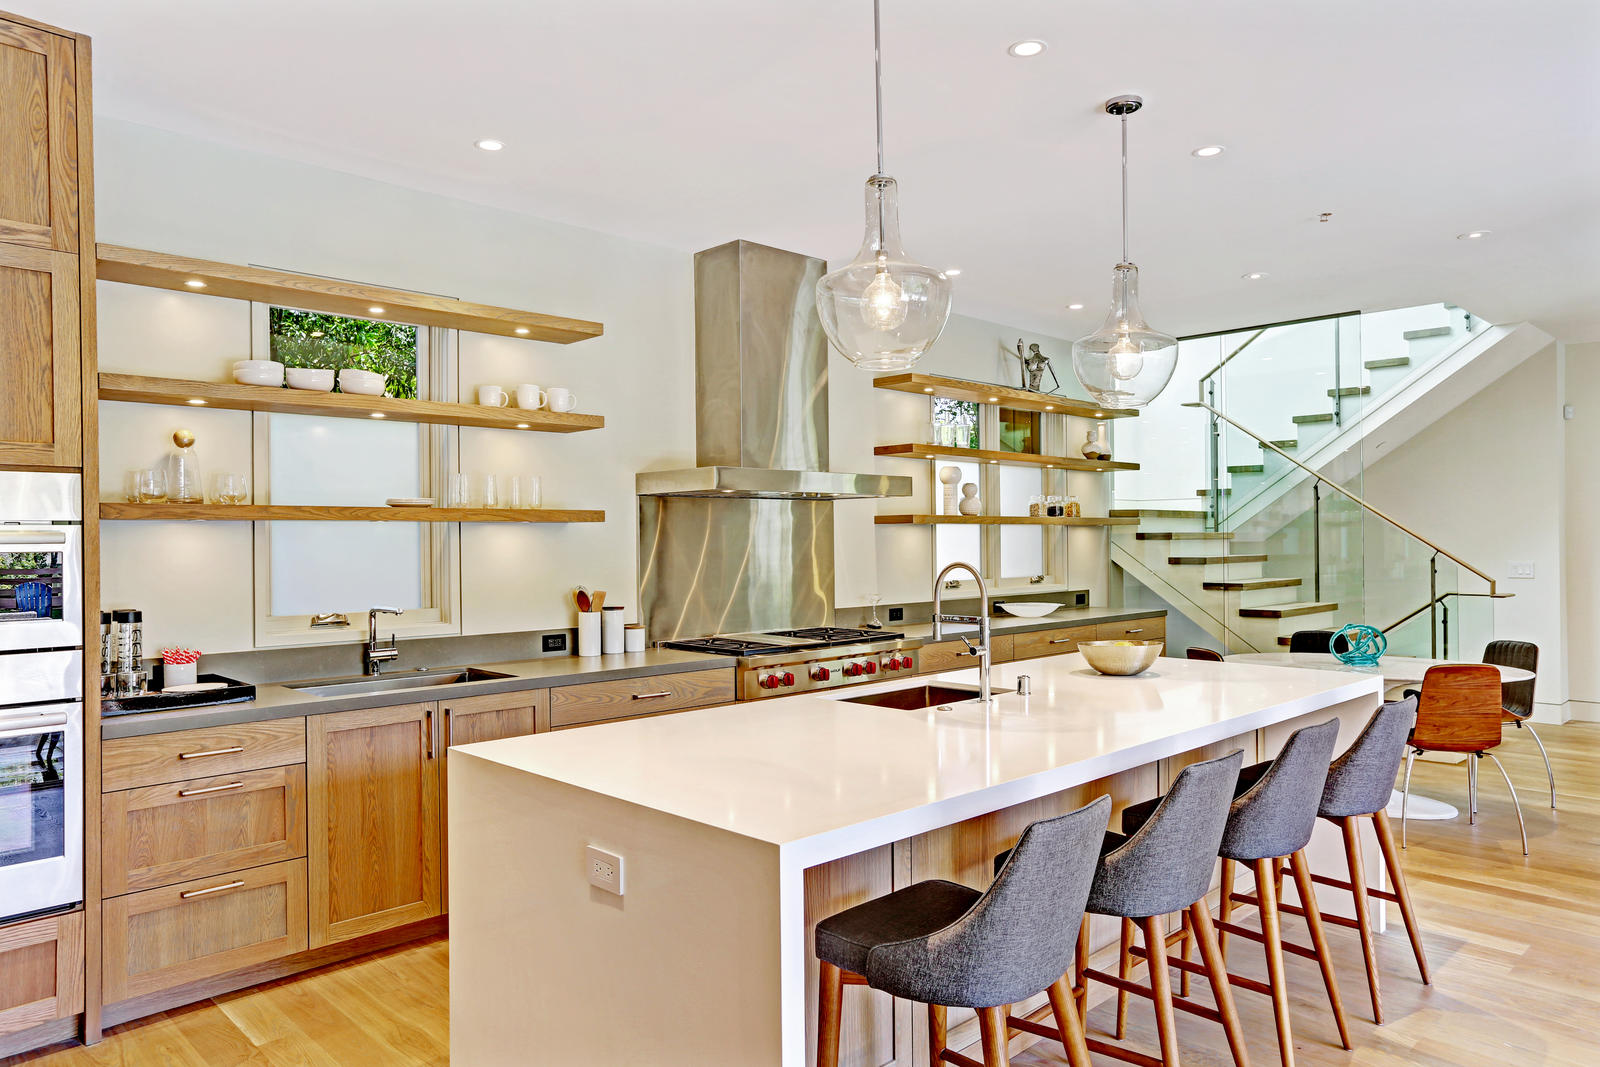 215Alexander_kitchen19.jpg